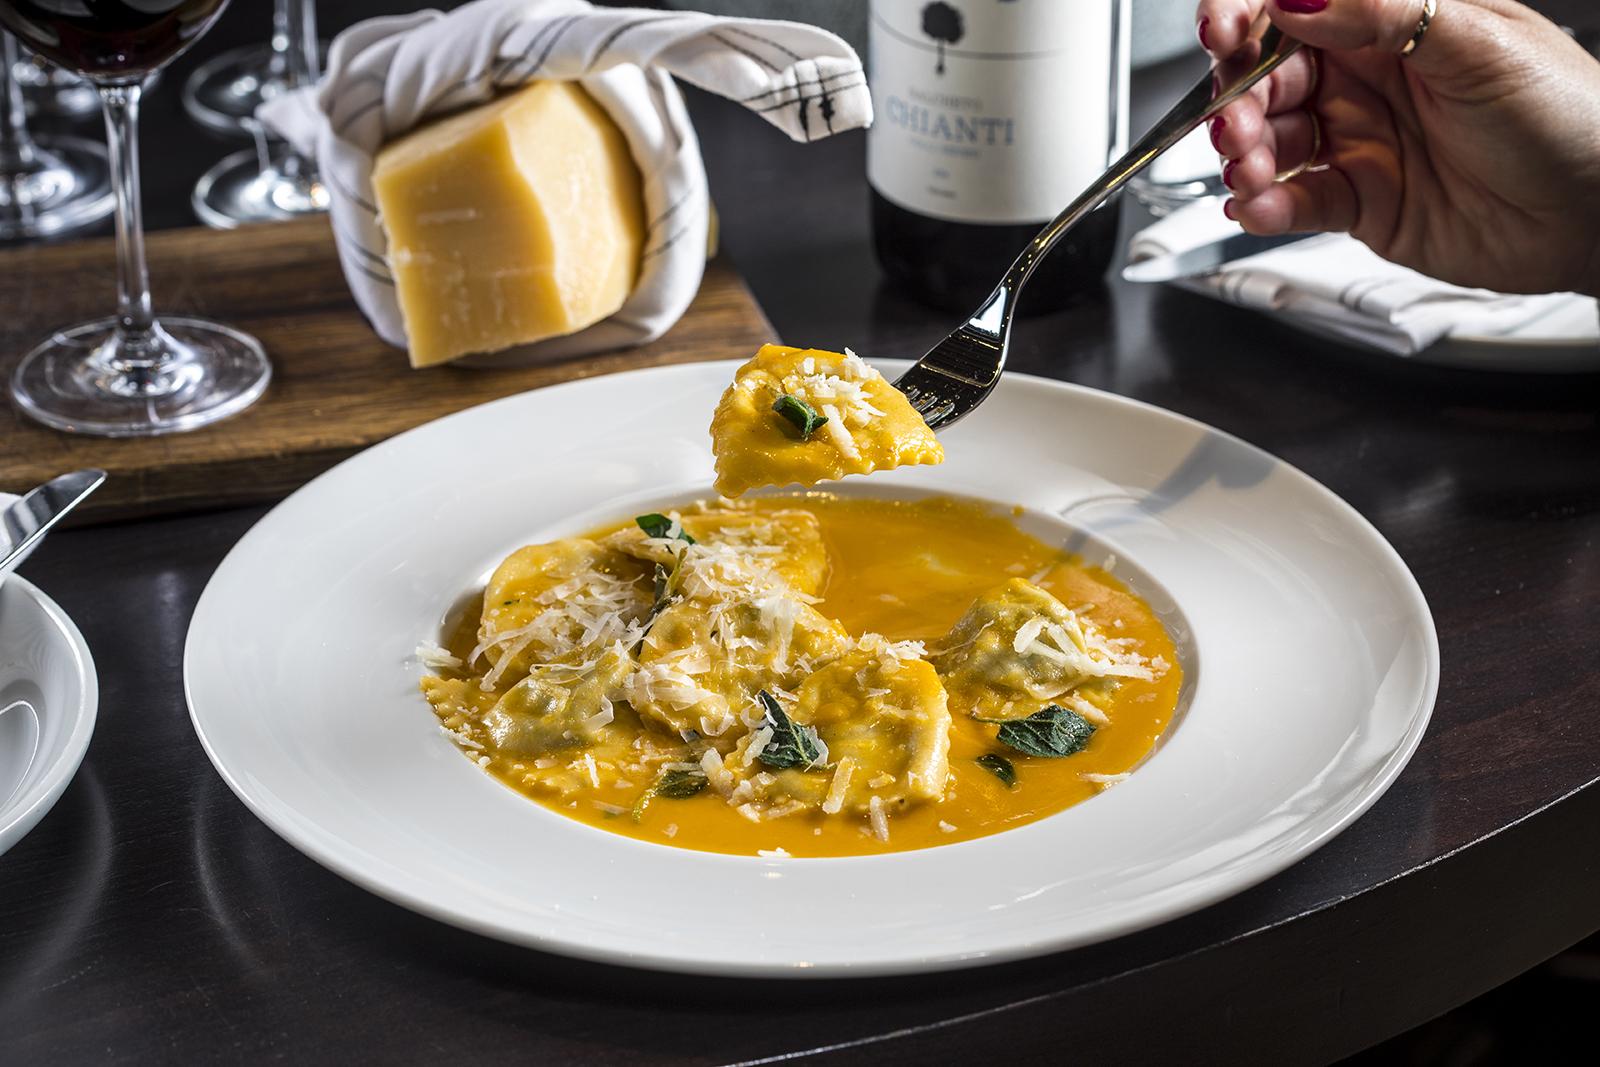 טורטליני גבינות מסעדת פומו צילום אפיק גבאי